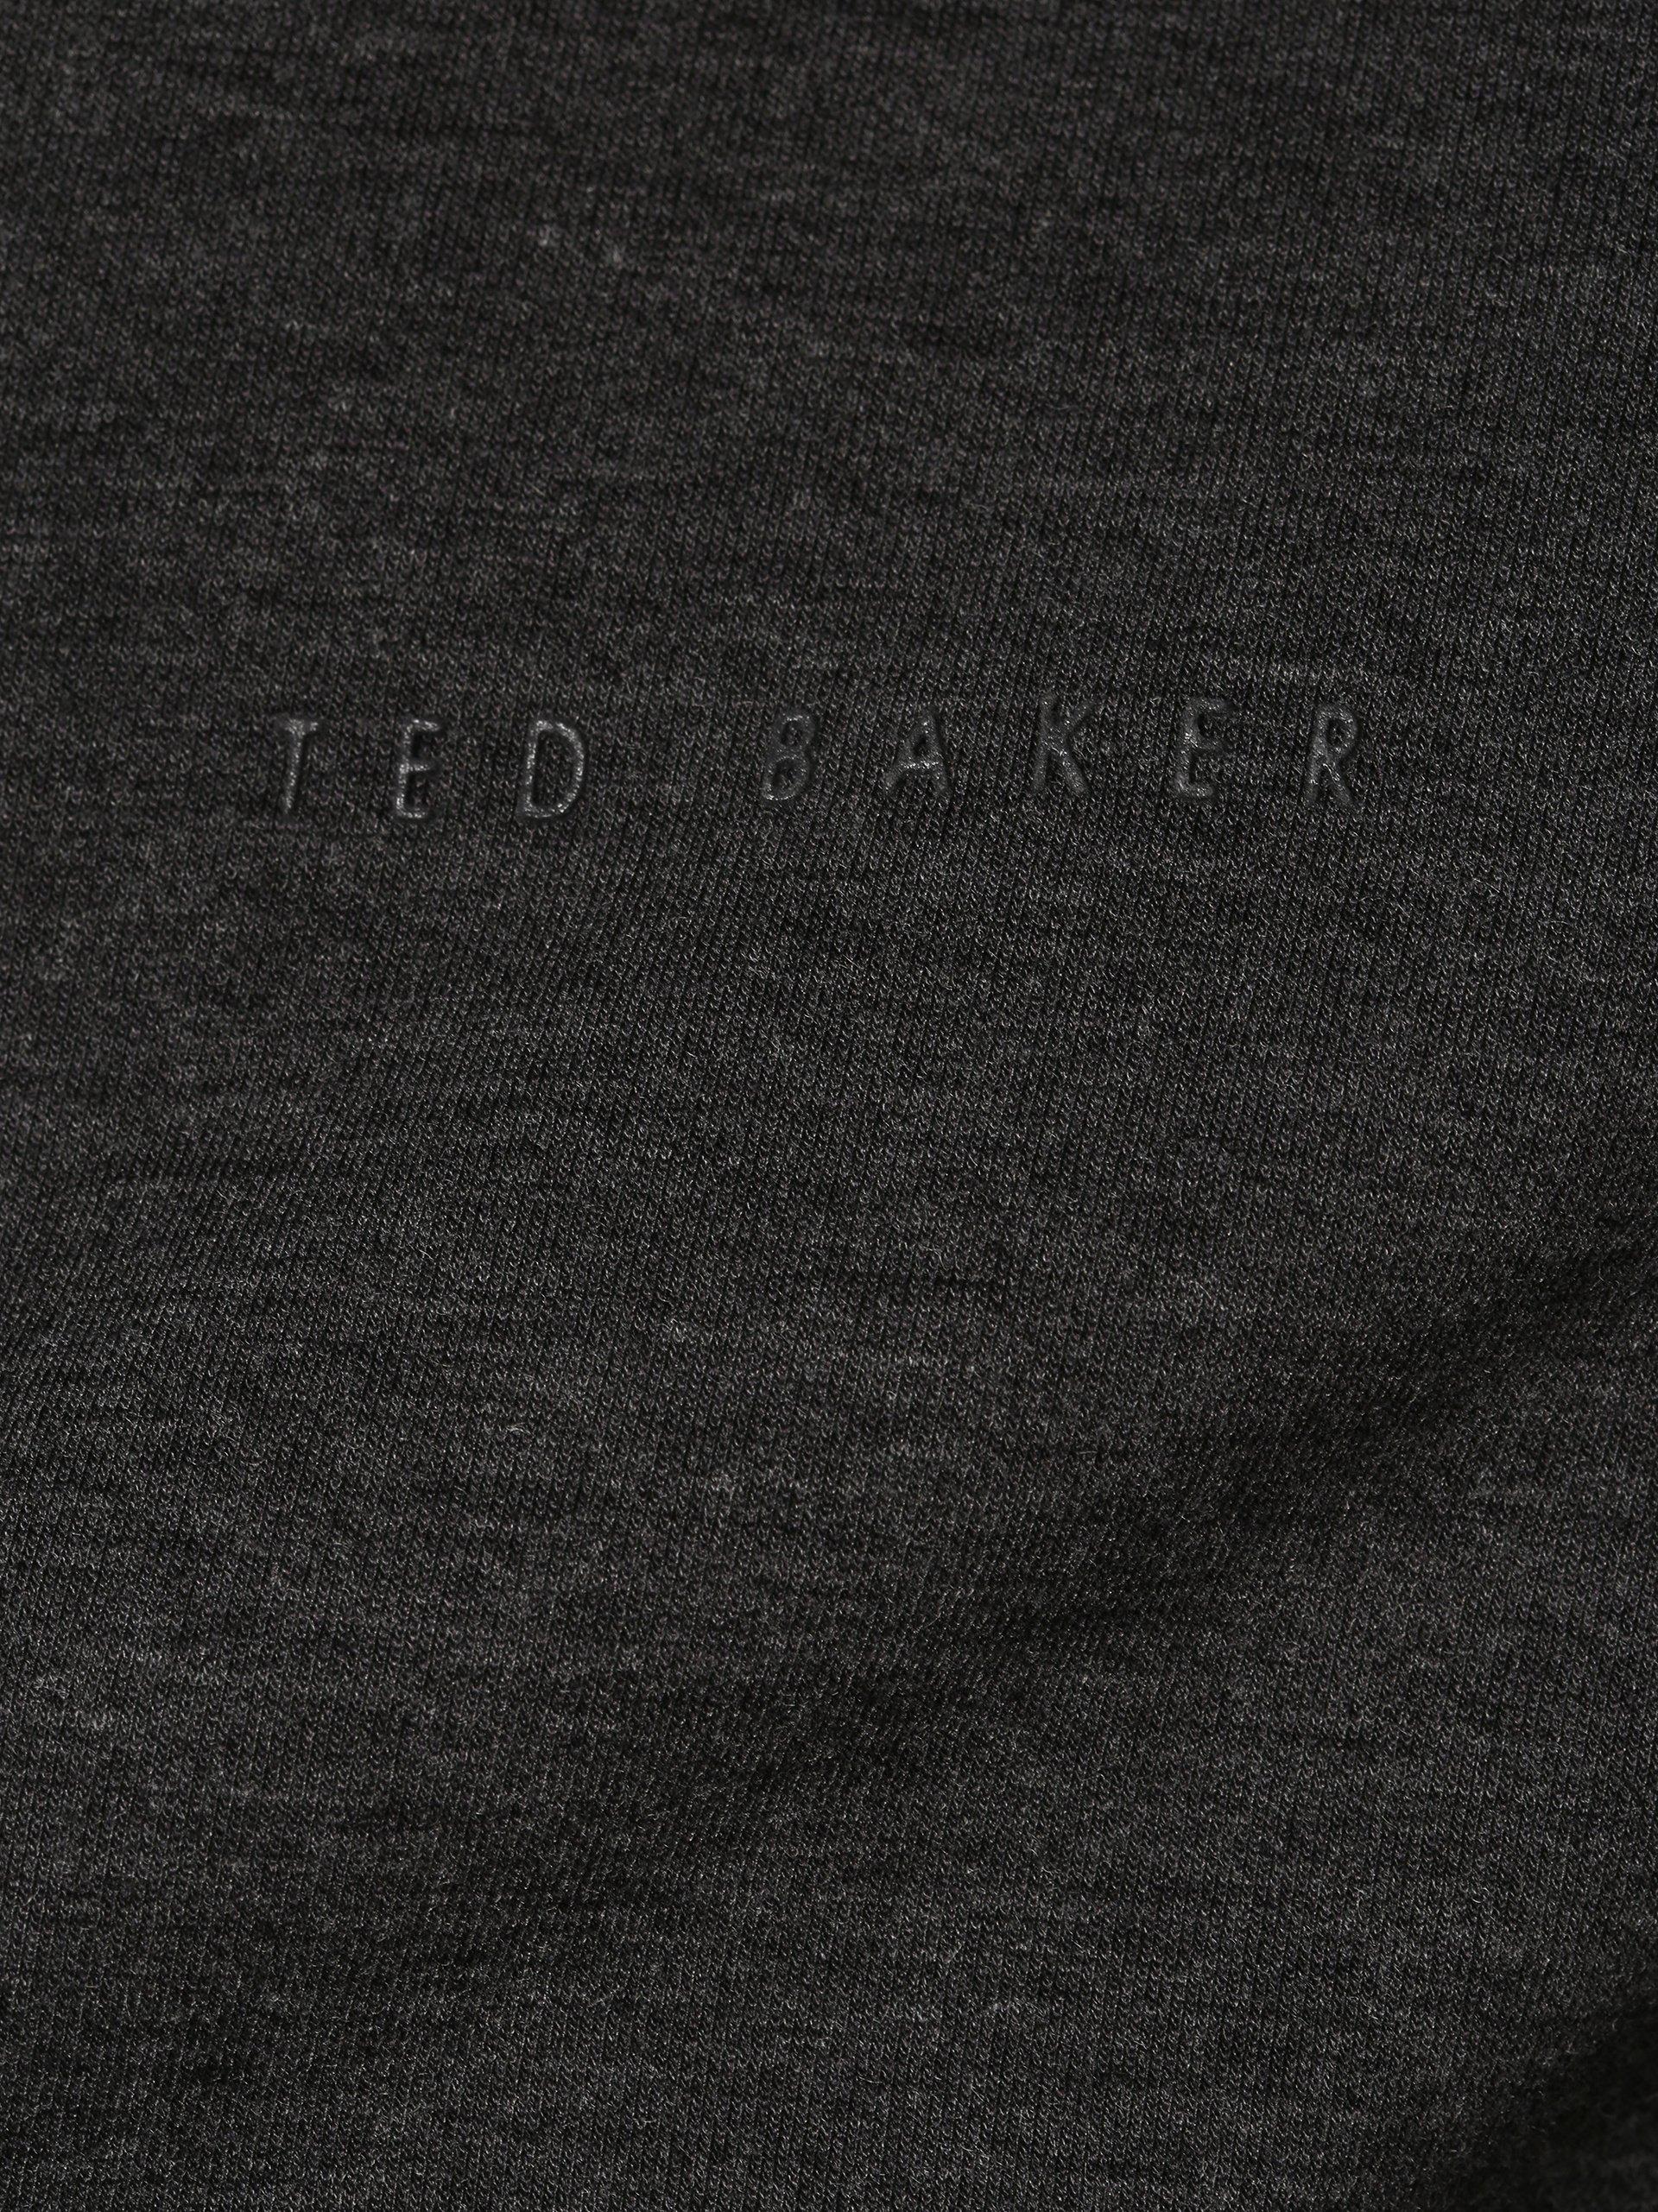 Ted Baker Męska bluza nierozpinana